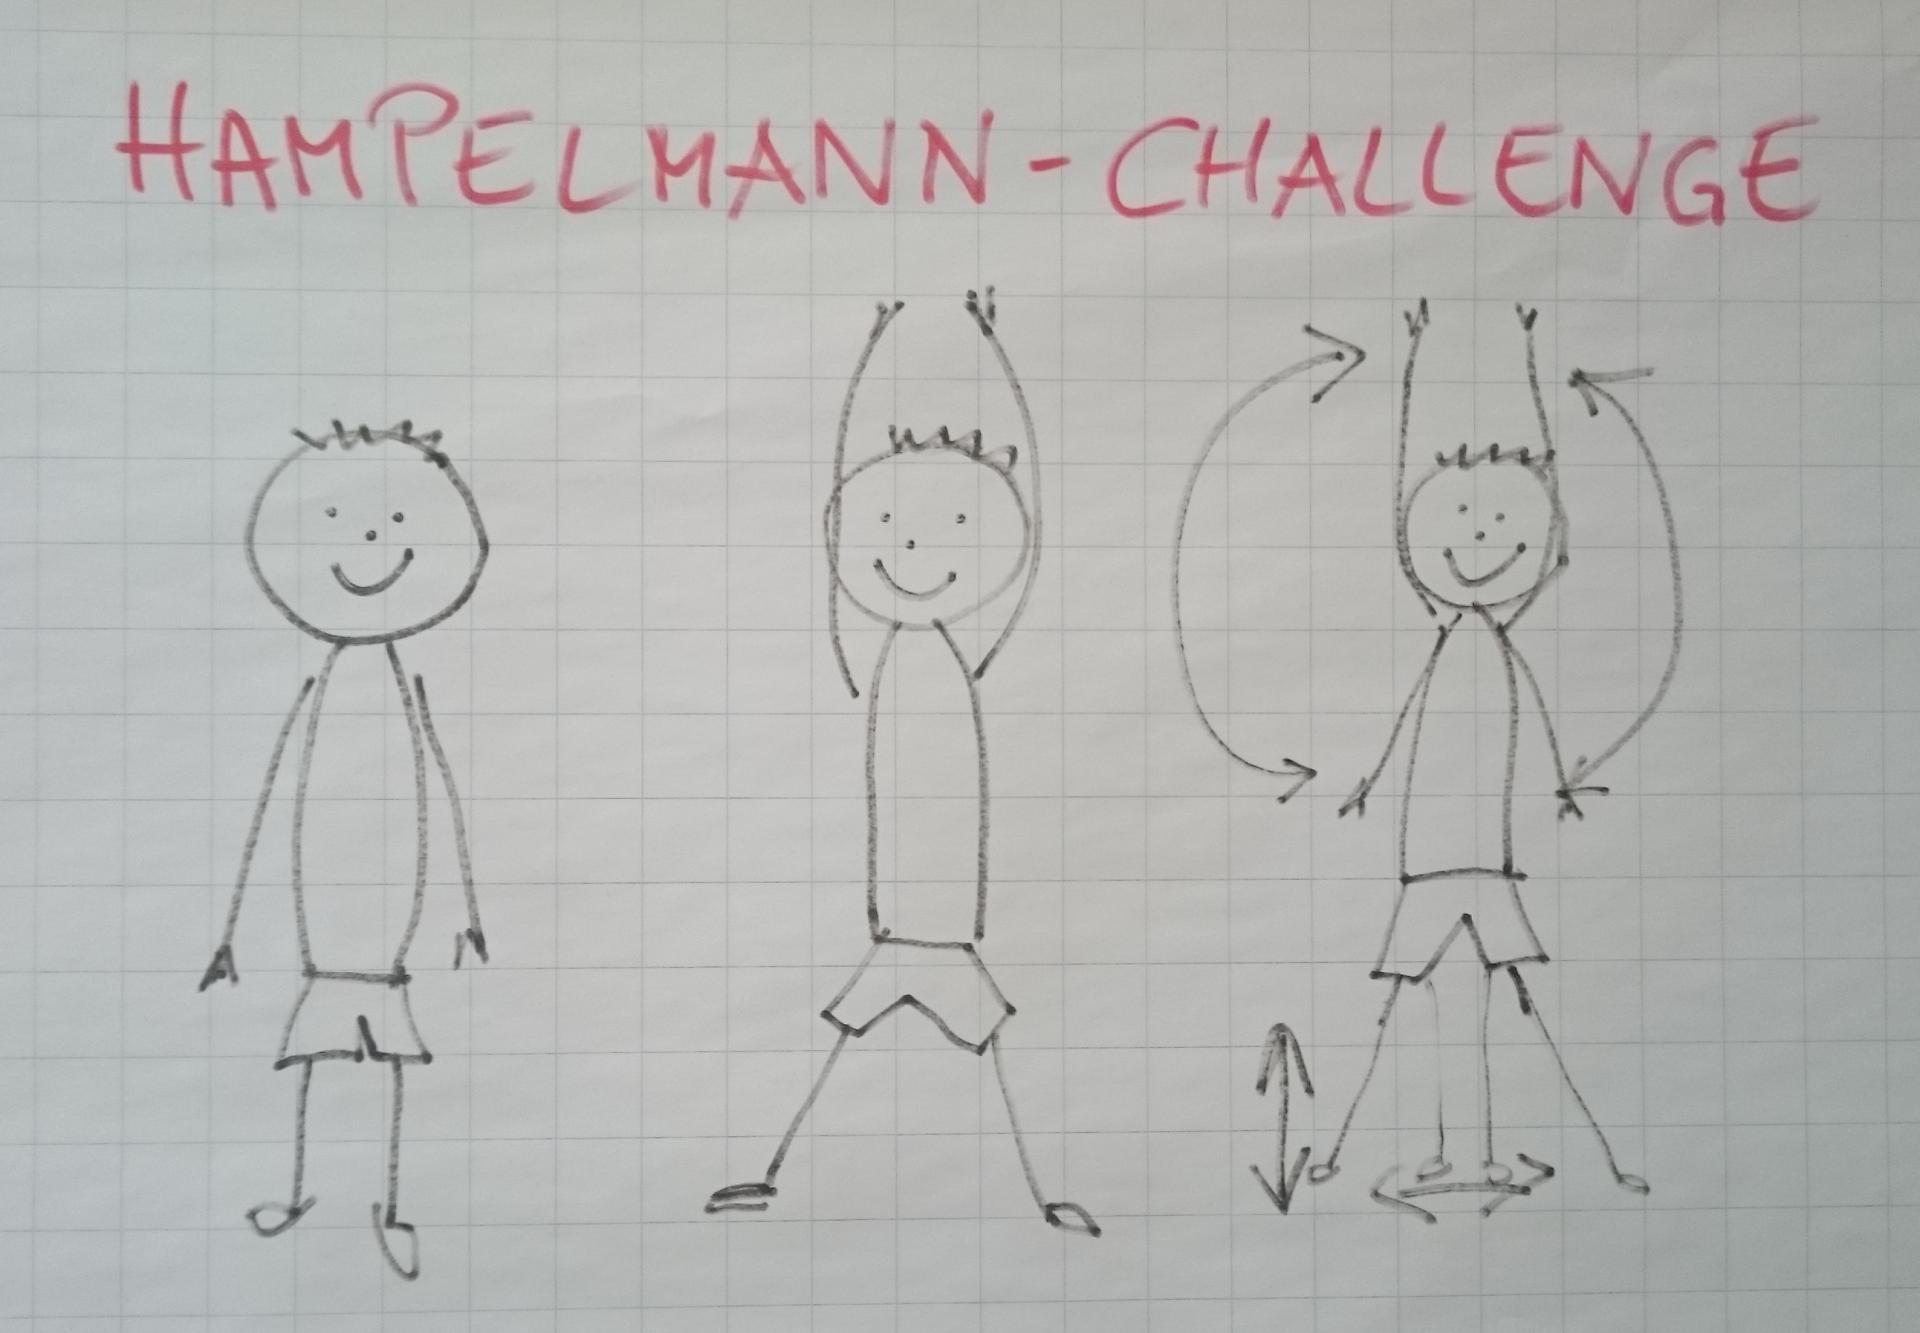 Hampelmann-Challenge